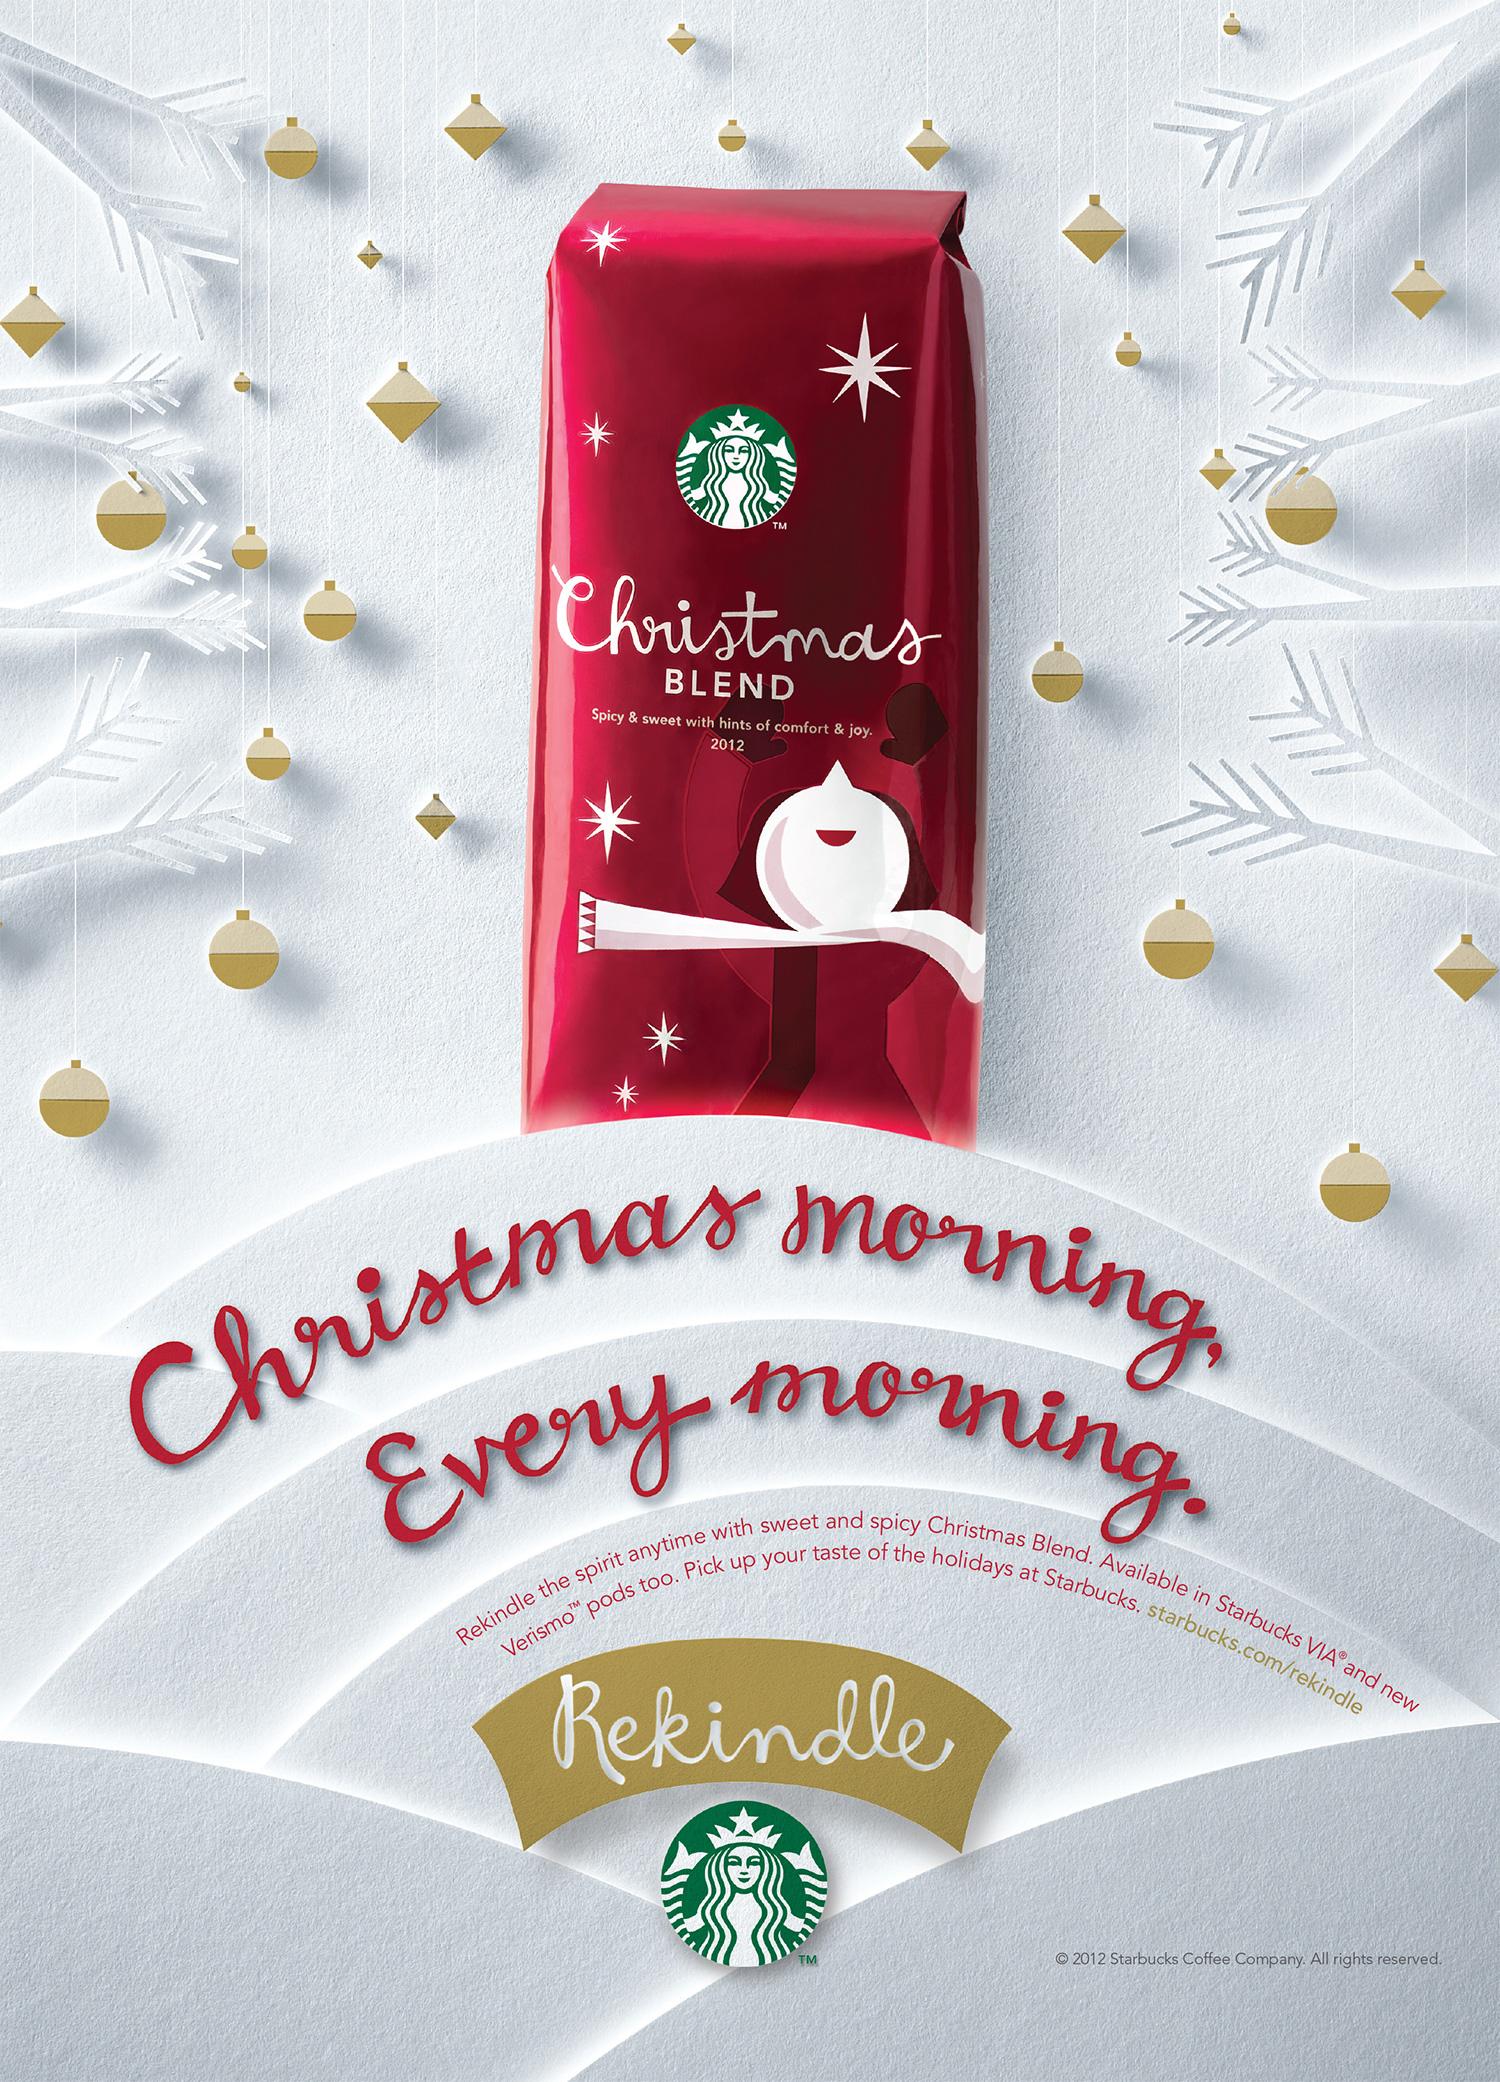 STARBUCKS-CHRISTMAS-BLEND-opt.jpg